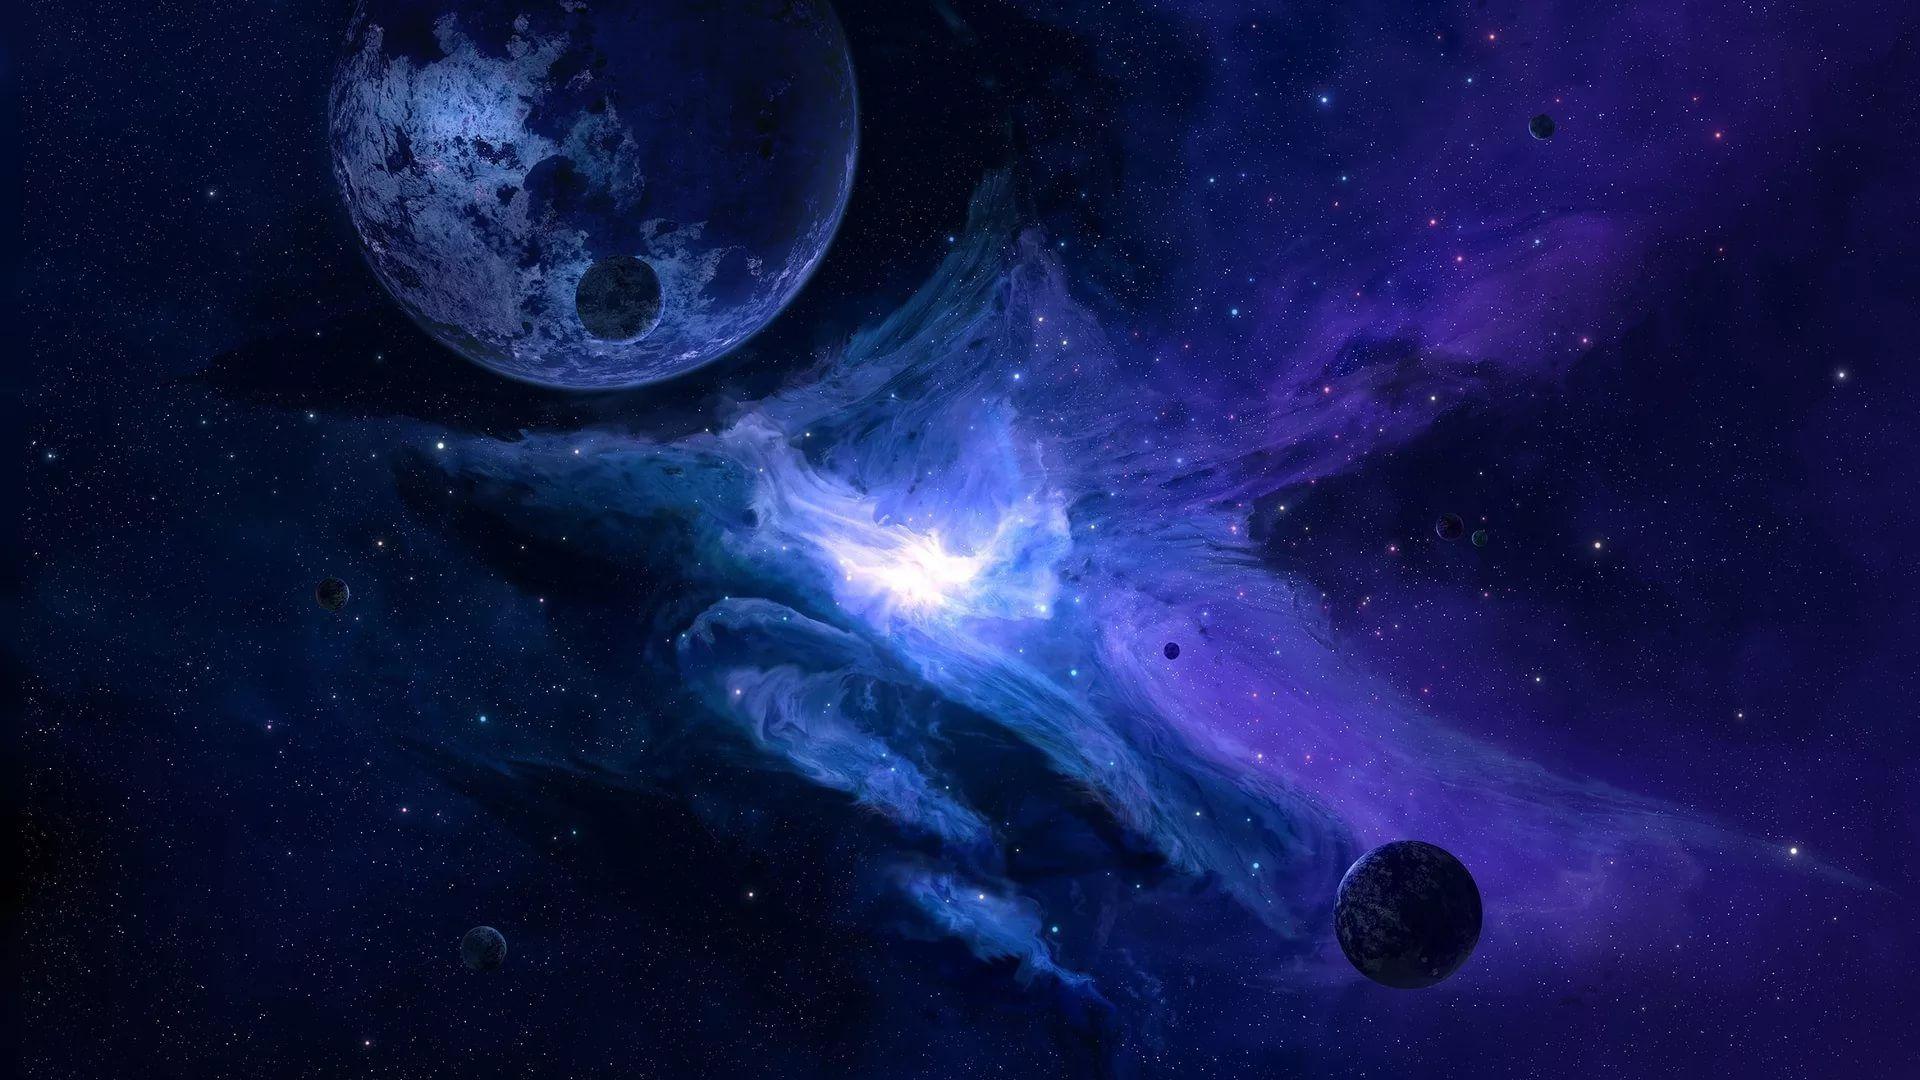 Blue Galaxy free hd wallpaper